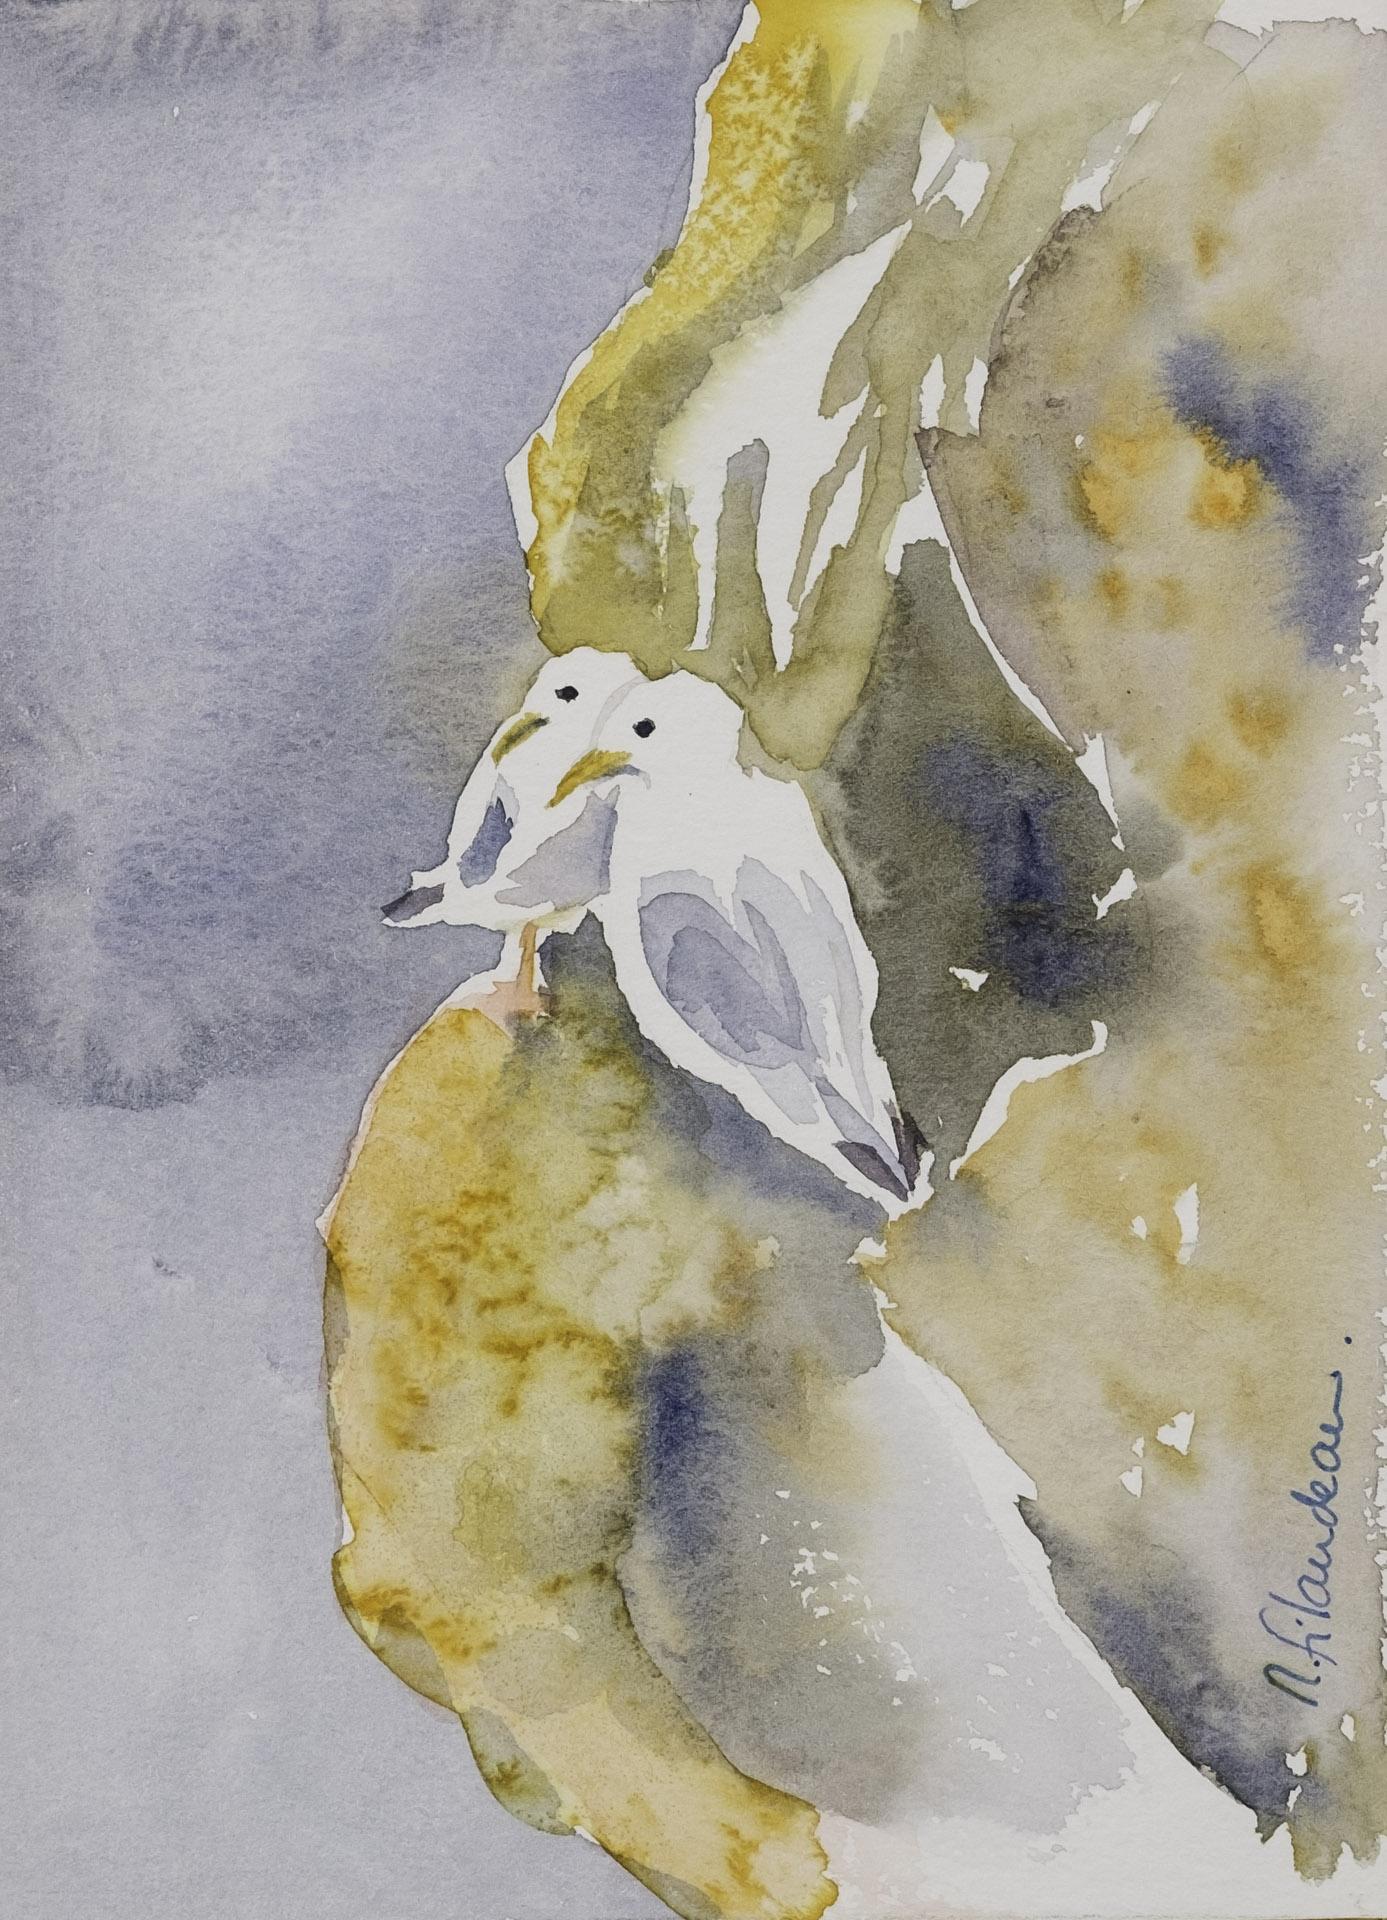 mouettes au nid